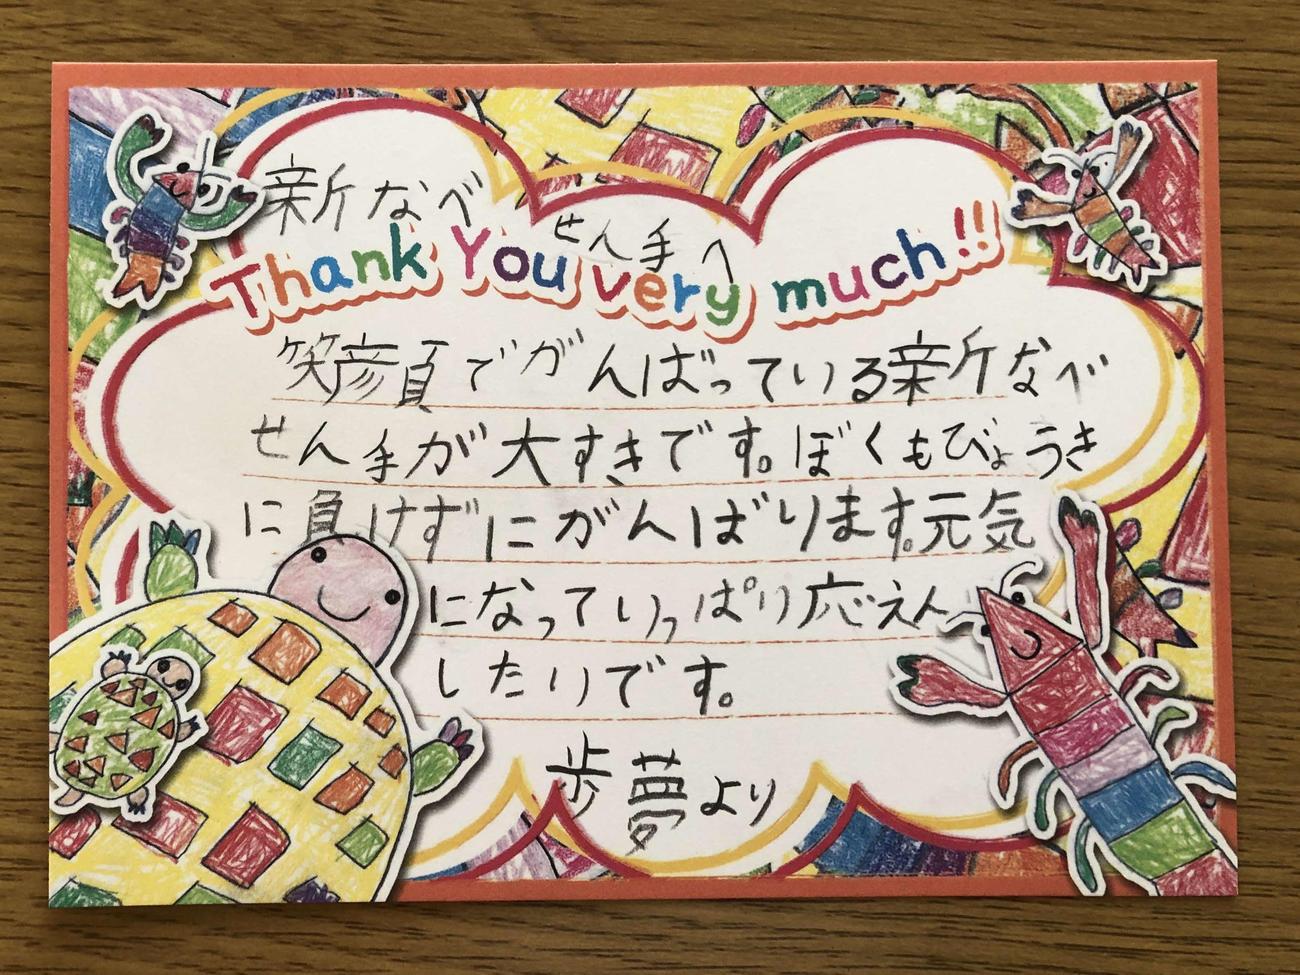 ファン感謝祭で新鍋に送るため、松本君が書いた手紙